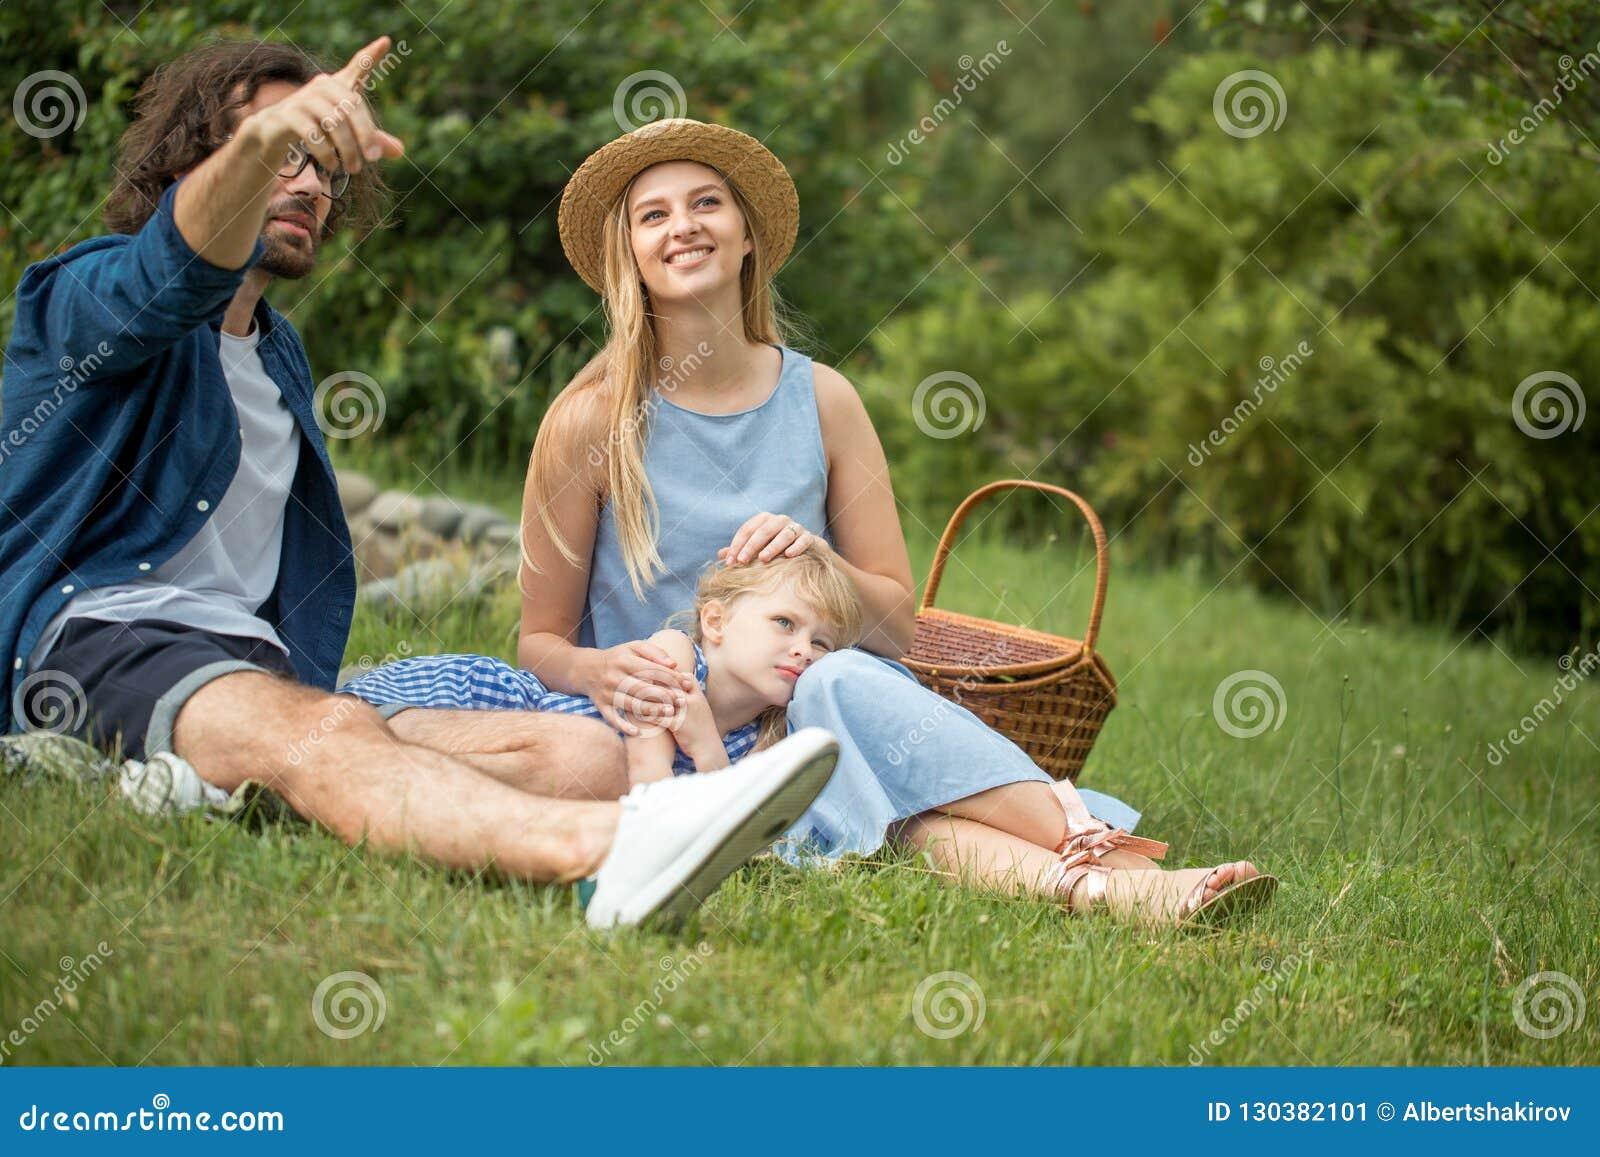 Ευτυχές οικογενειακό υπαίθρια με τη χαριτωμένη κόρη τους, μπλε ενδύματα, γυναίκα στο καπέλο